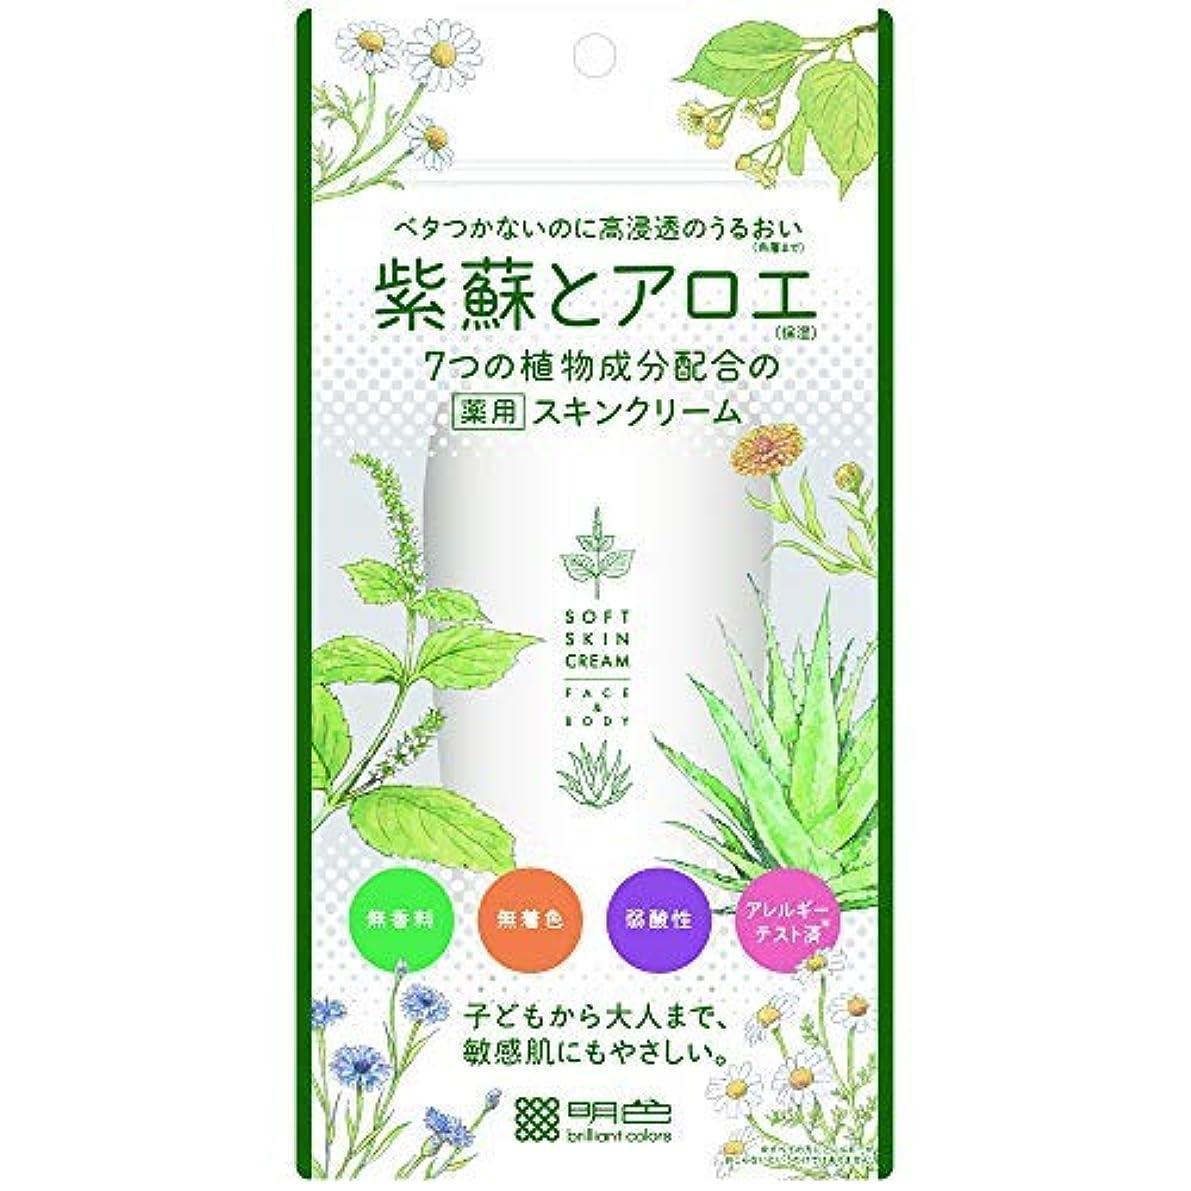 プロジェクター男やもめブッシュ紫蘇とアロエ 薬用スキンクリーム × 12個セット